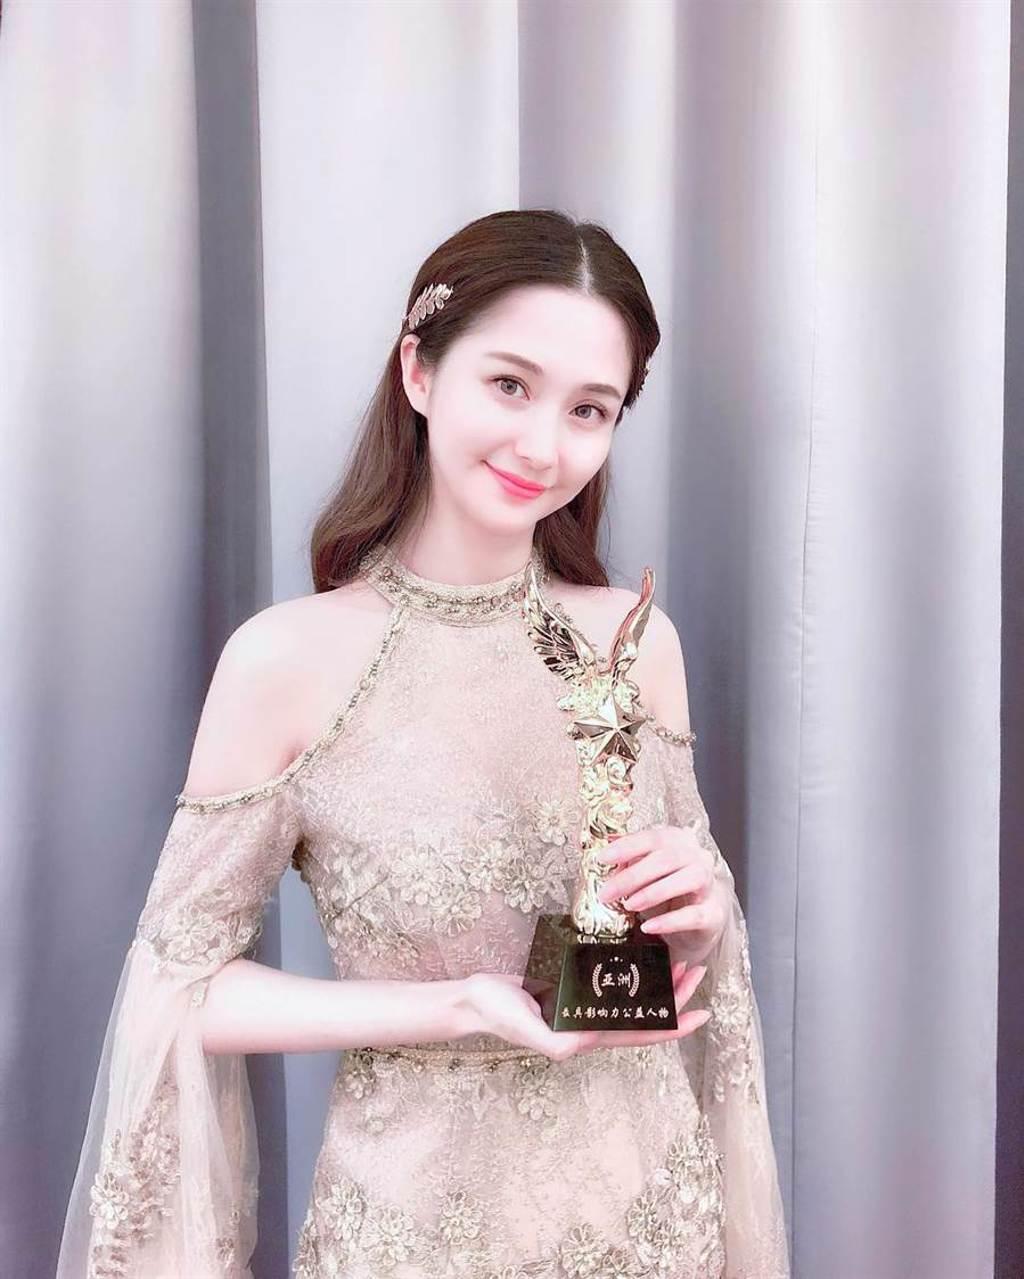 藍燕在大陸演藝圈發展順遂,並改名為藍心妍。(取自藍心妍IG)